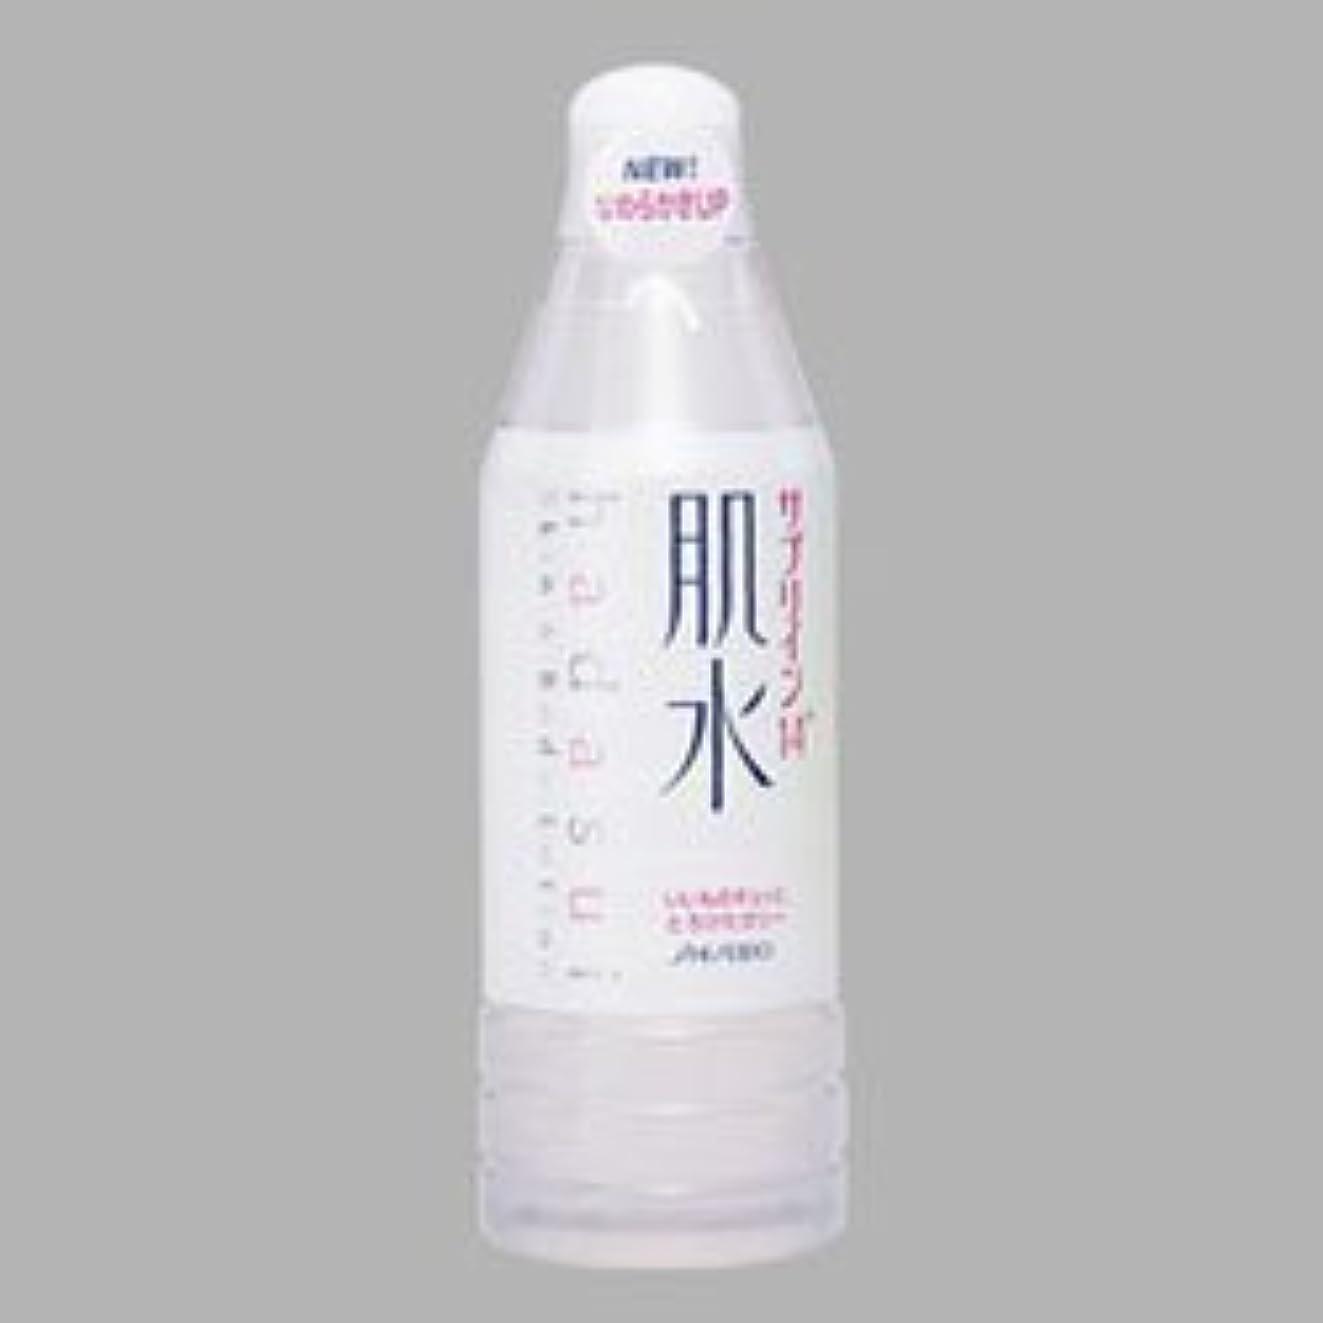 続編バーバケット【エフティ資生堂】肌水サプリイン14+ (ボトル) 400ml☆☆ ×5個セット